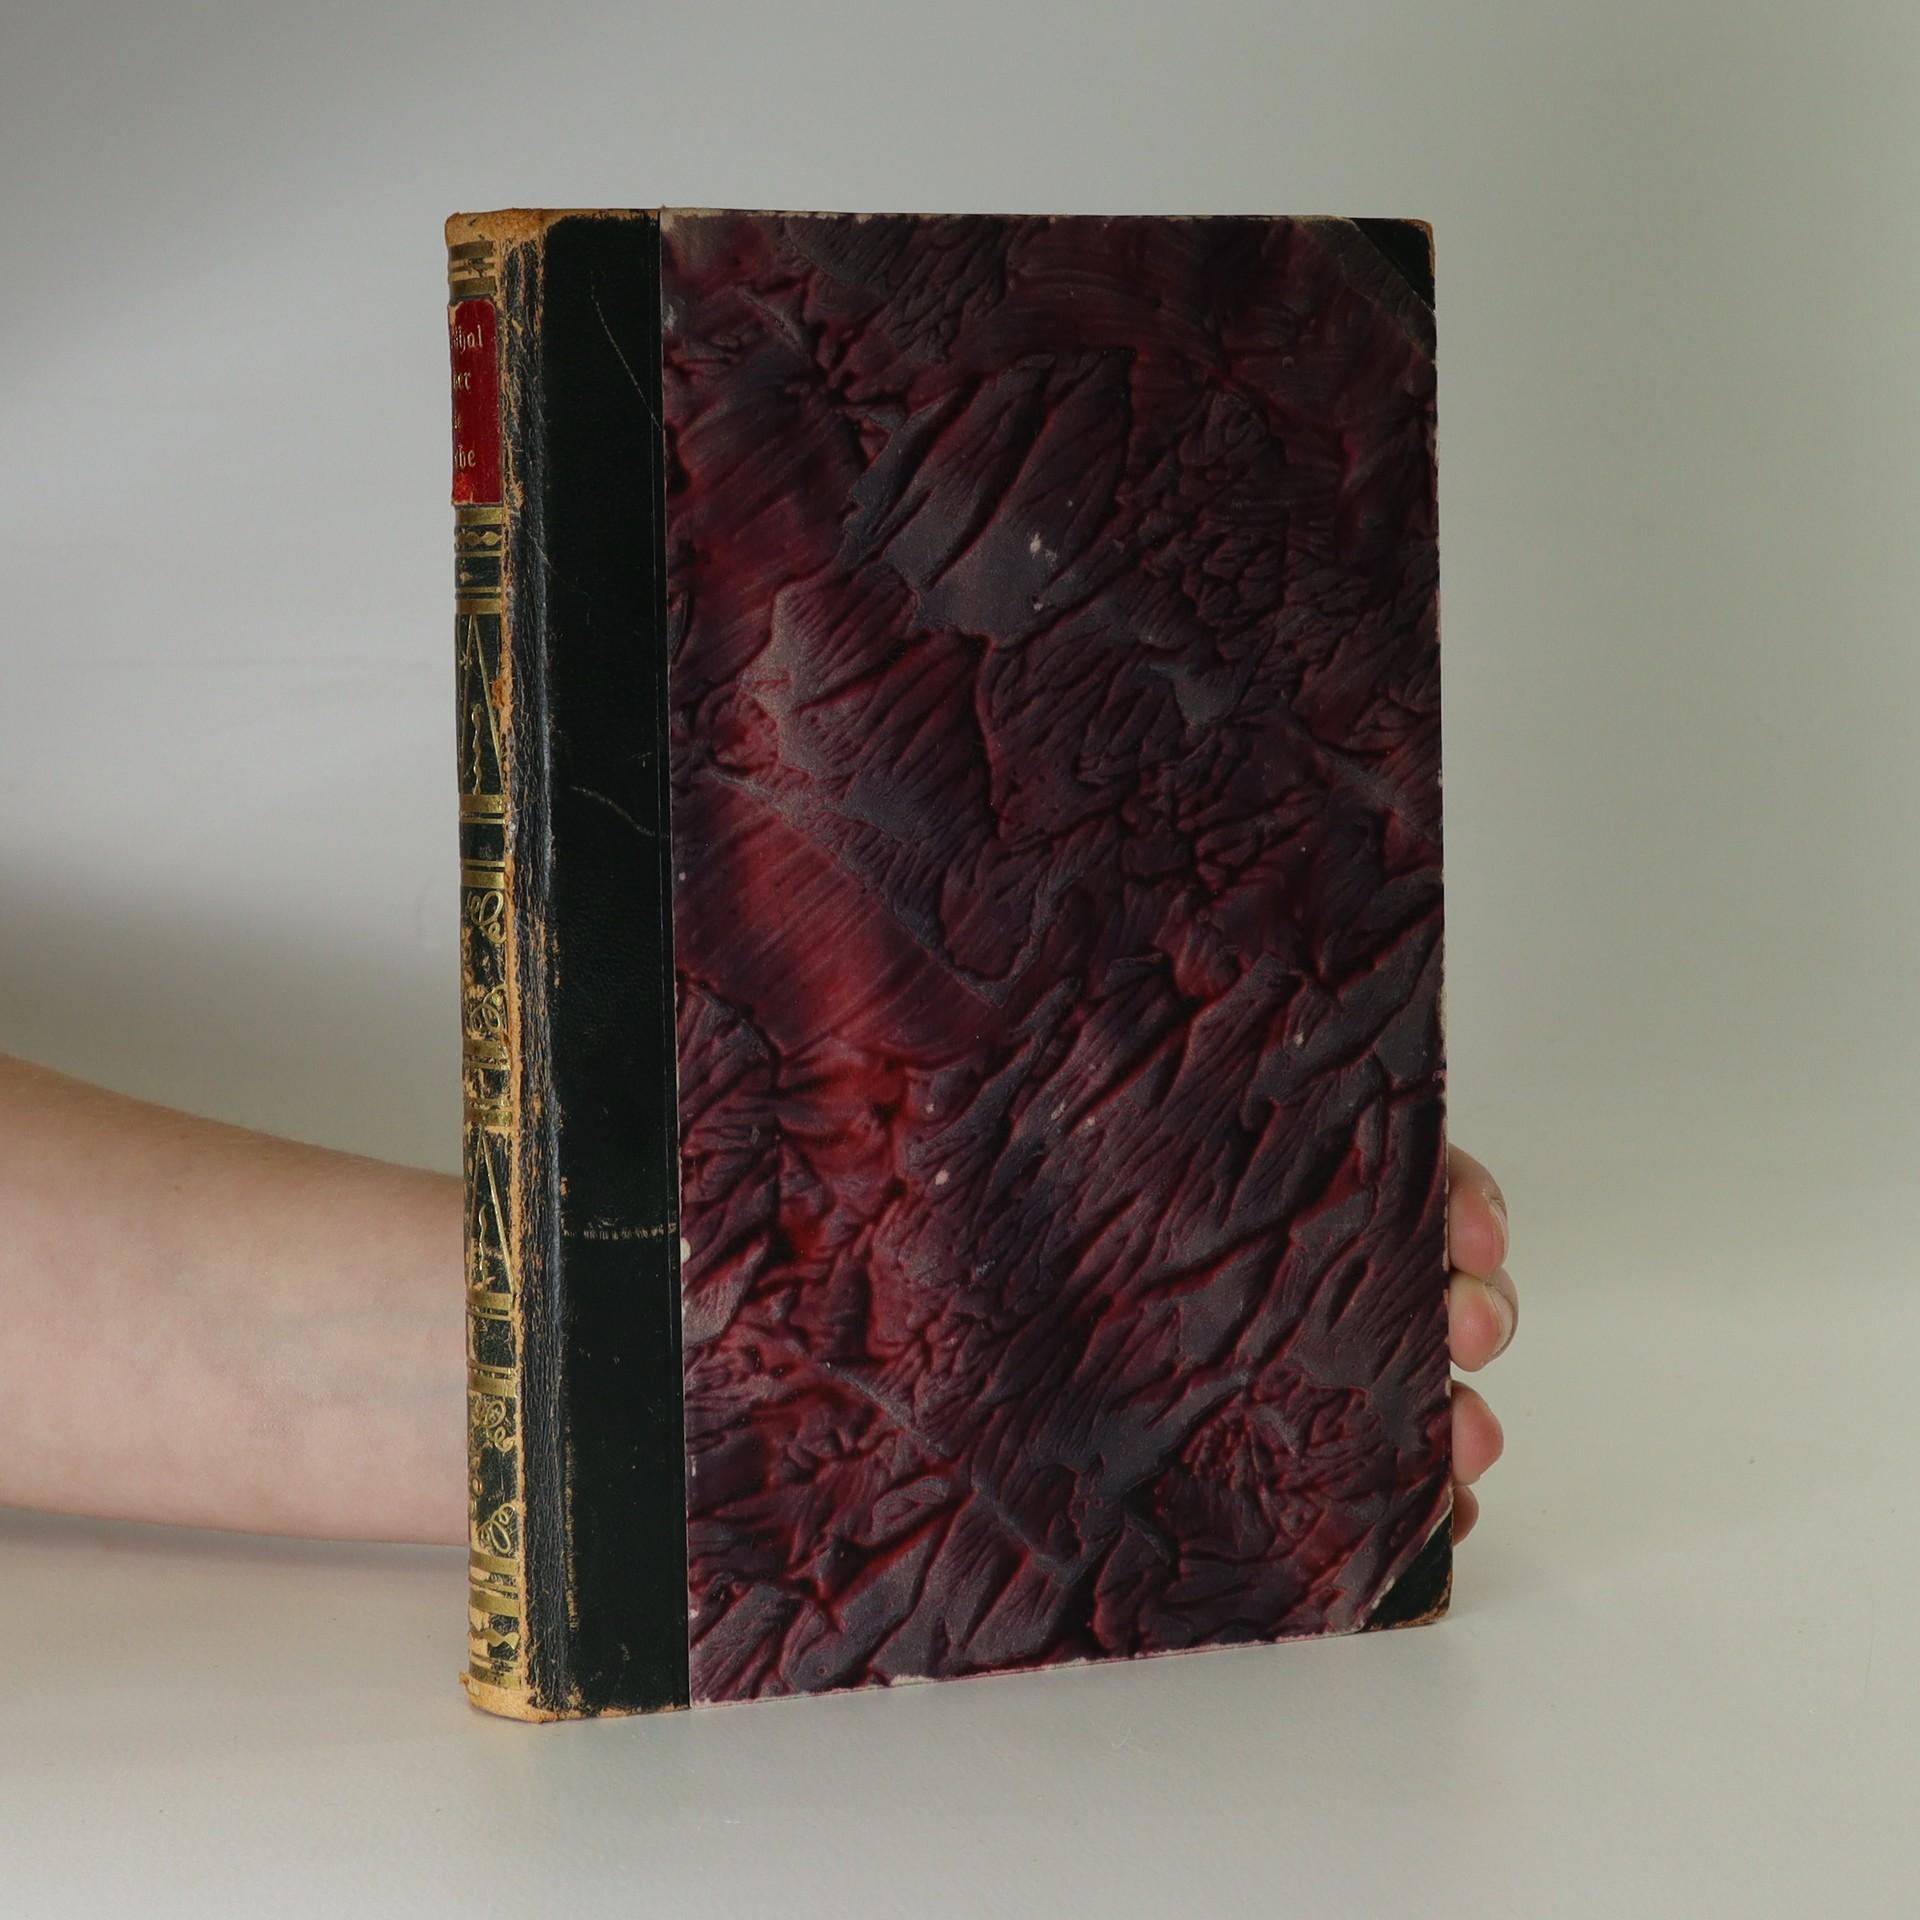 antikvární kniha Über die Liebe, neuveden